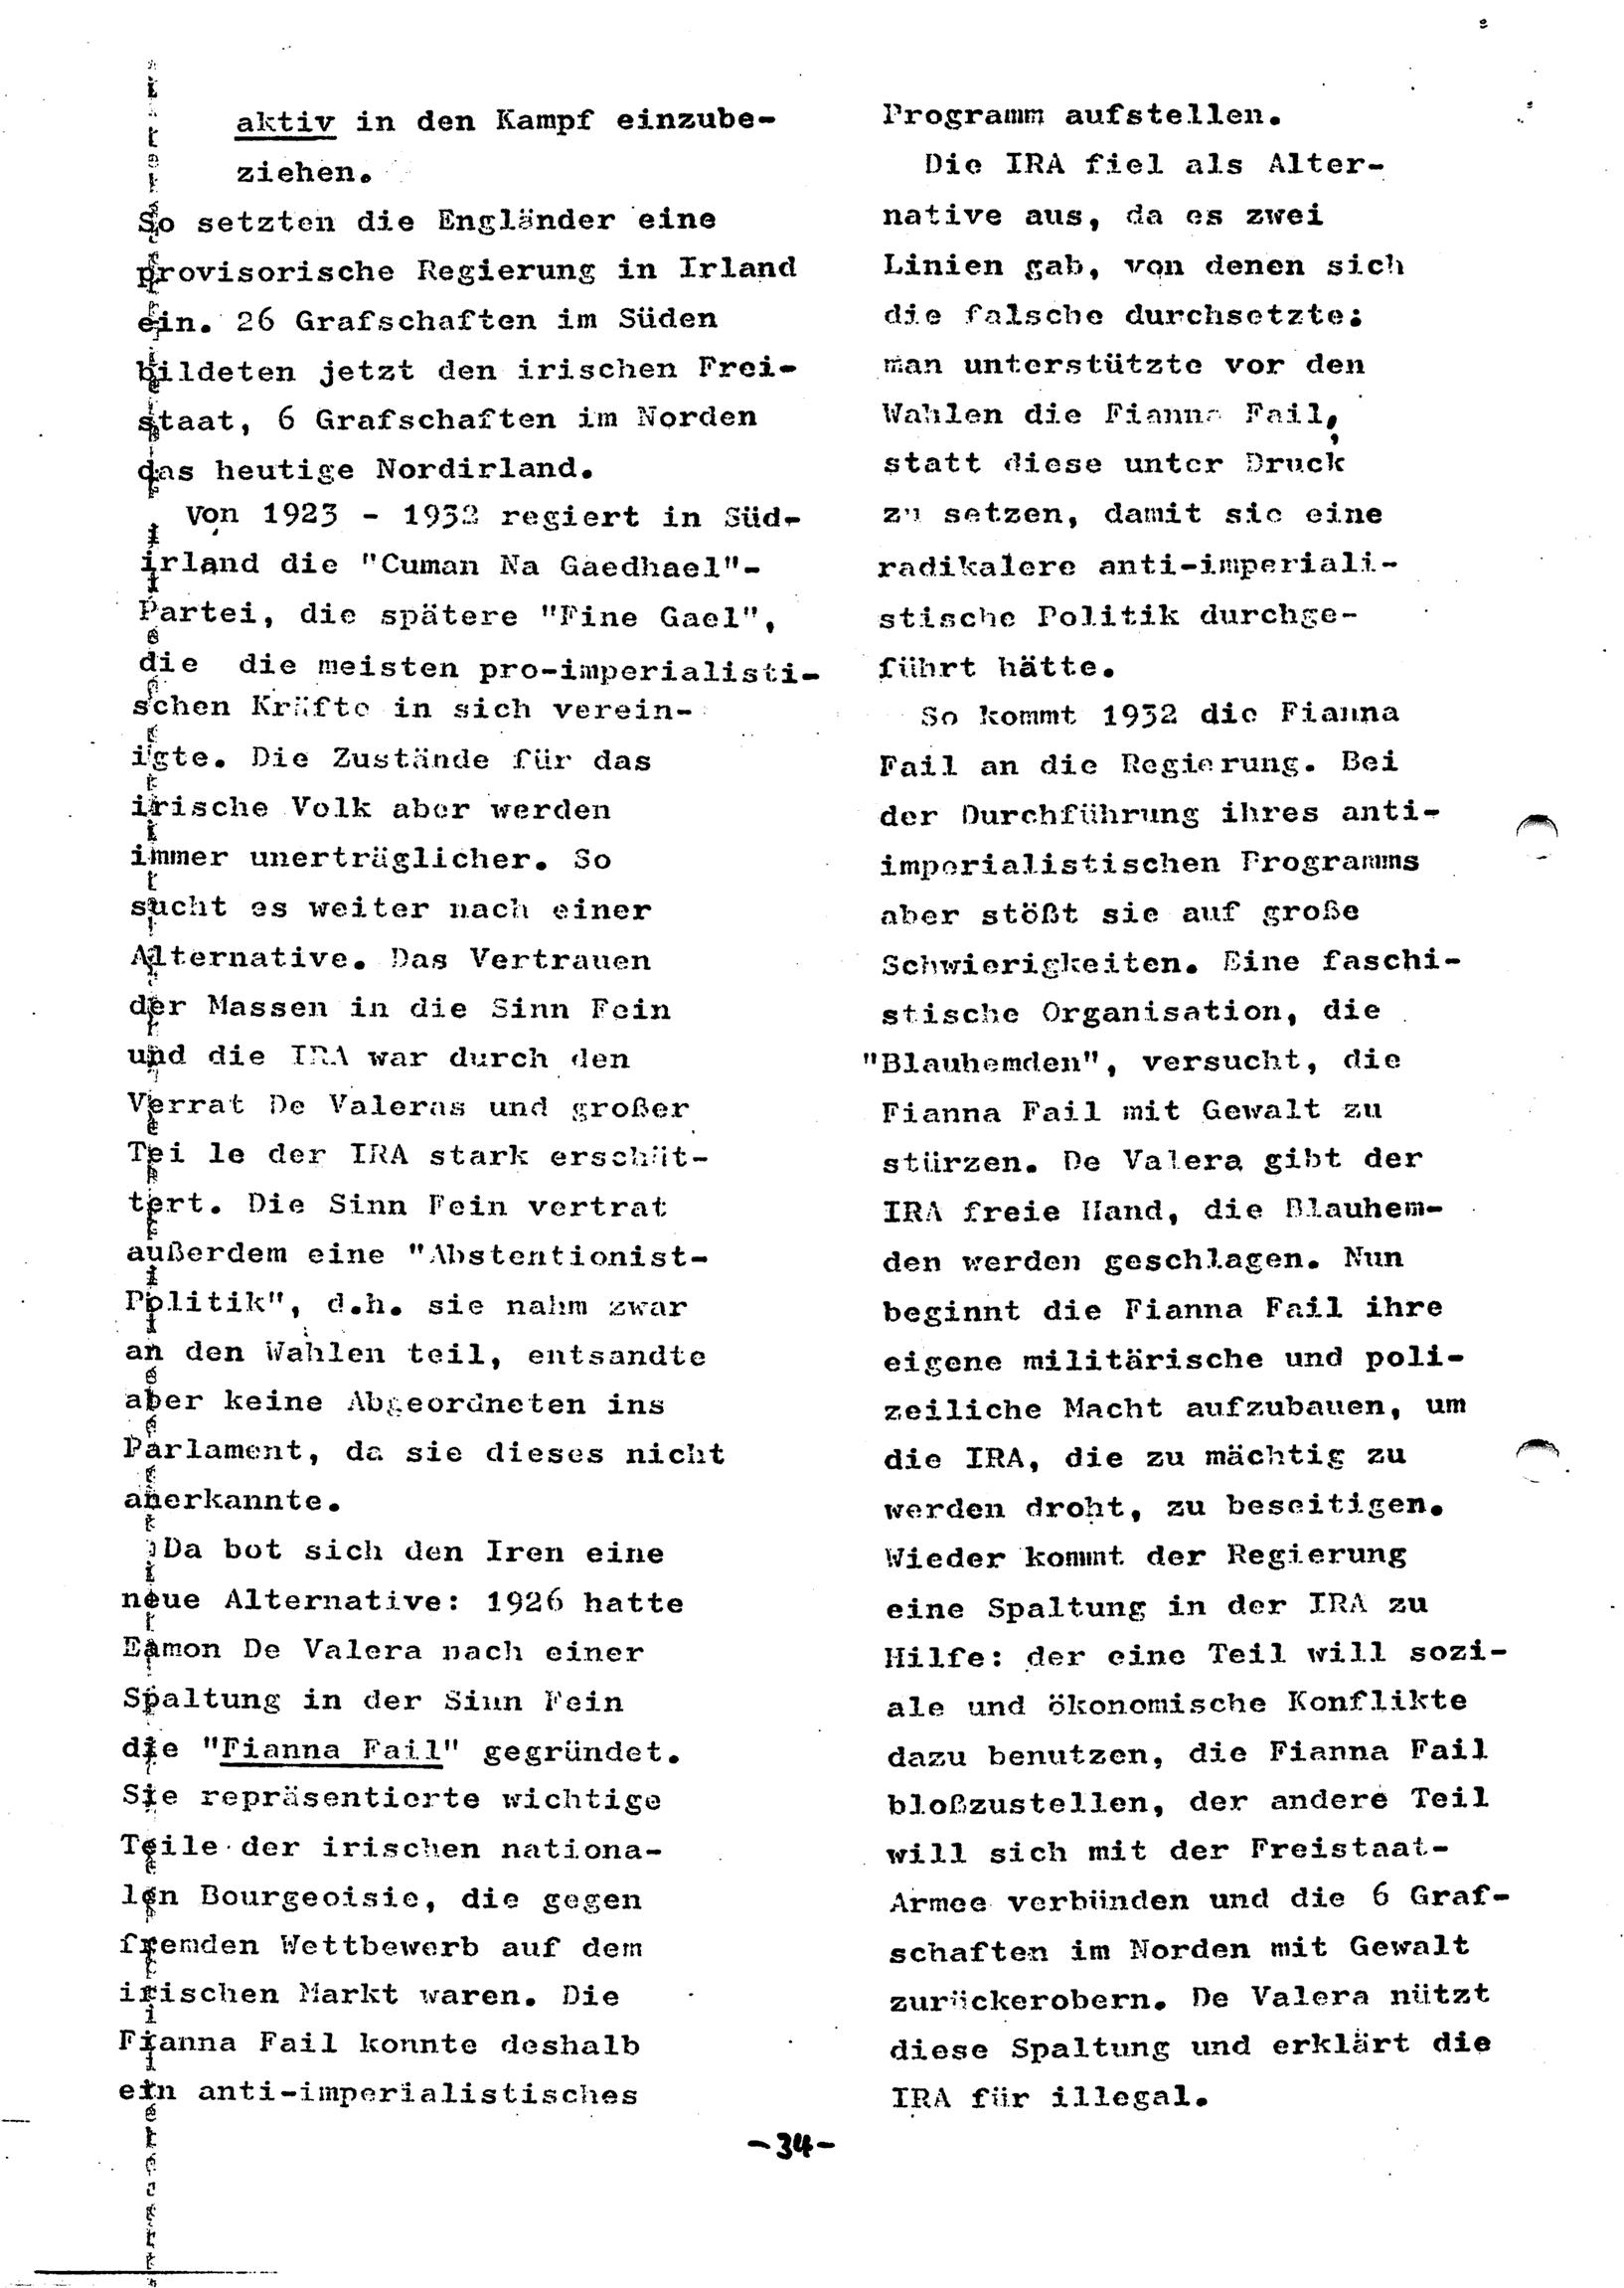 Bielefeld_SAO033